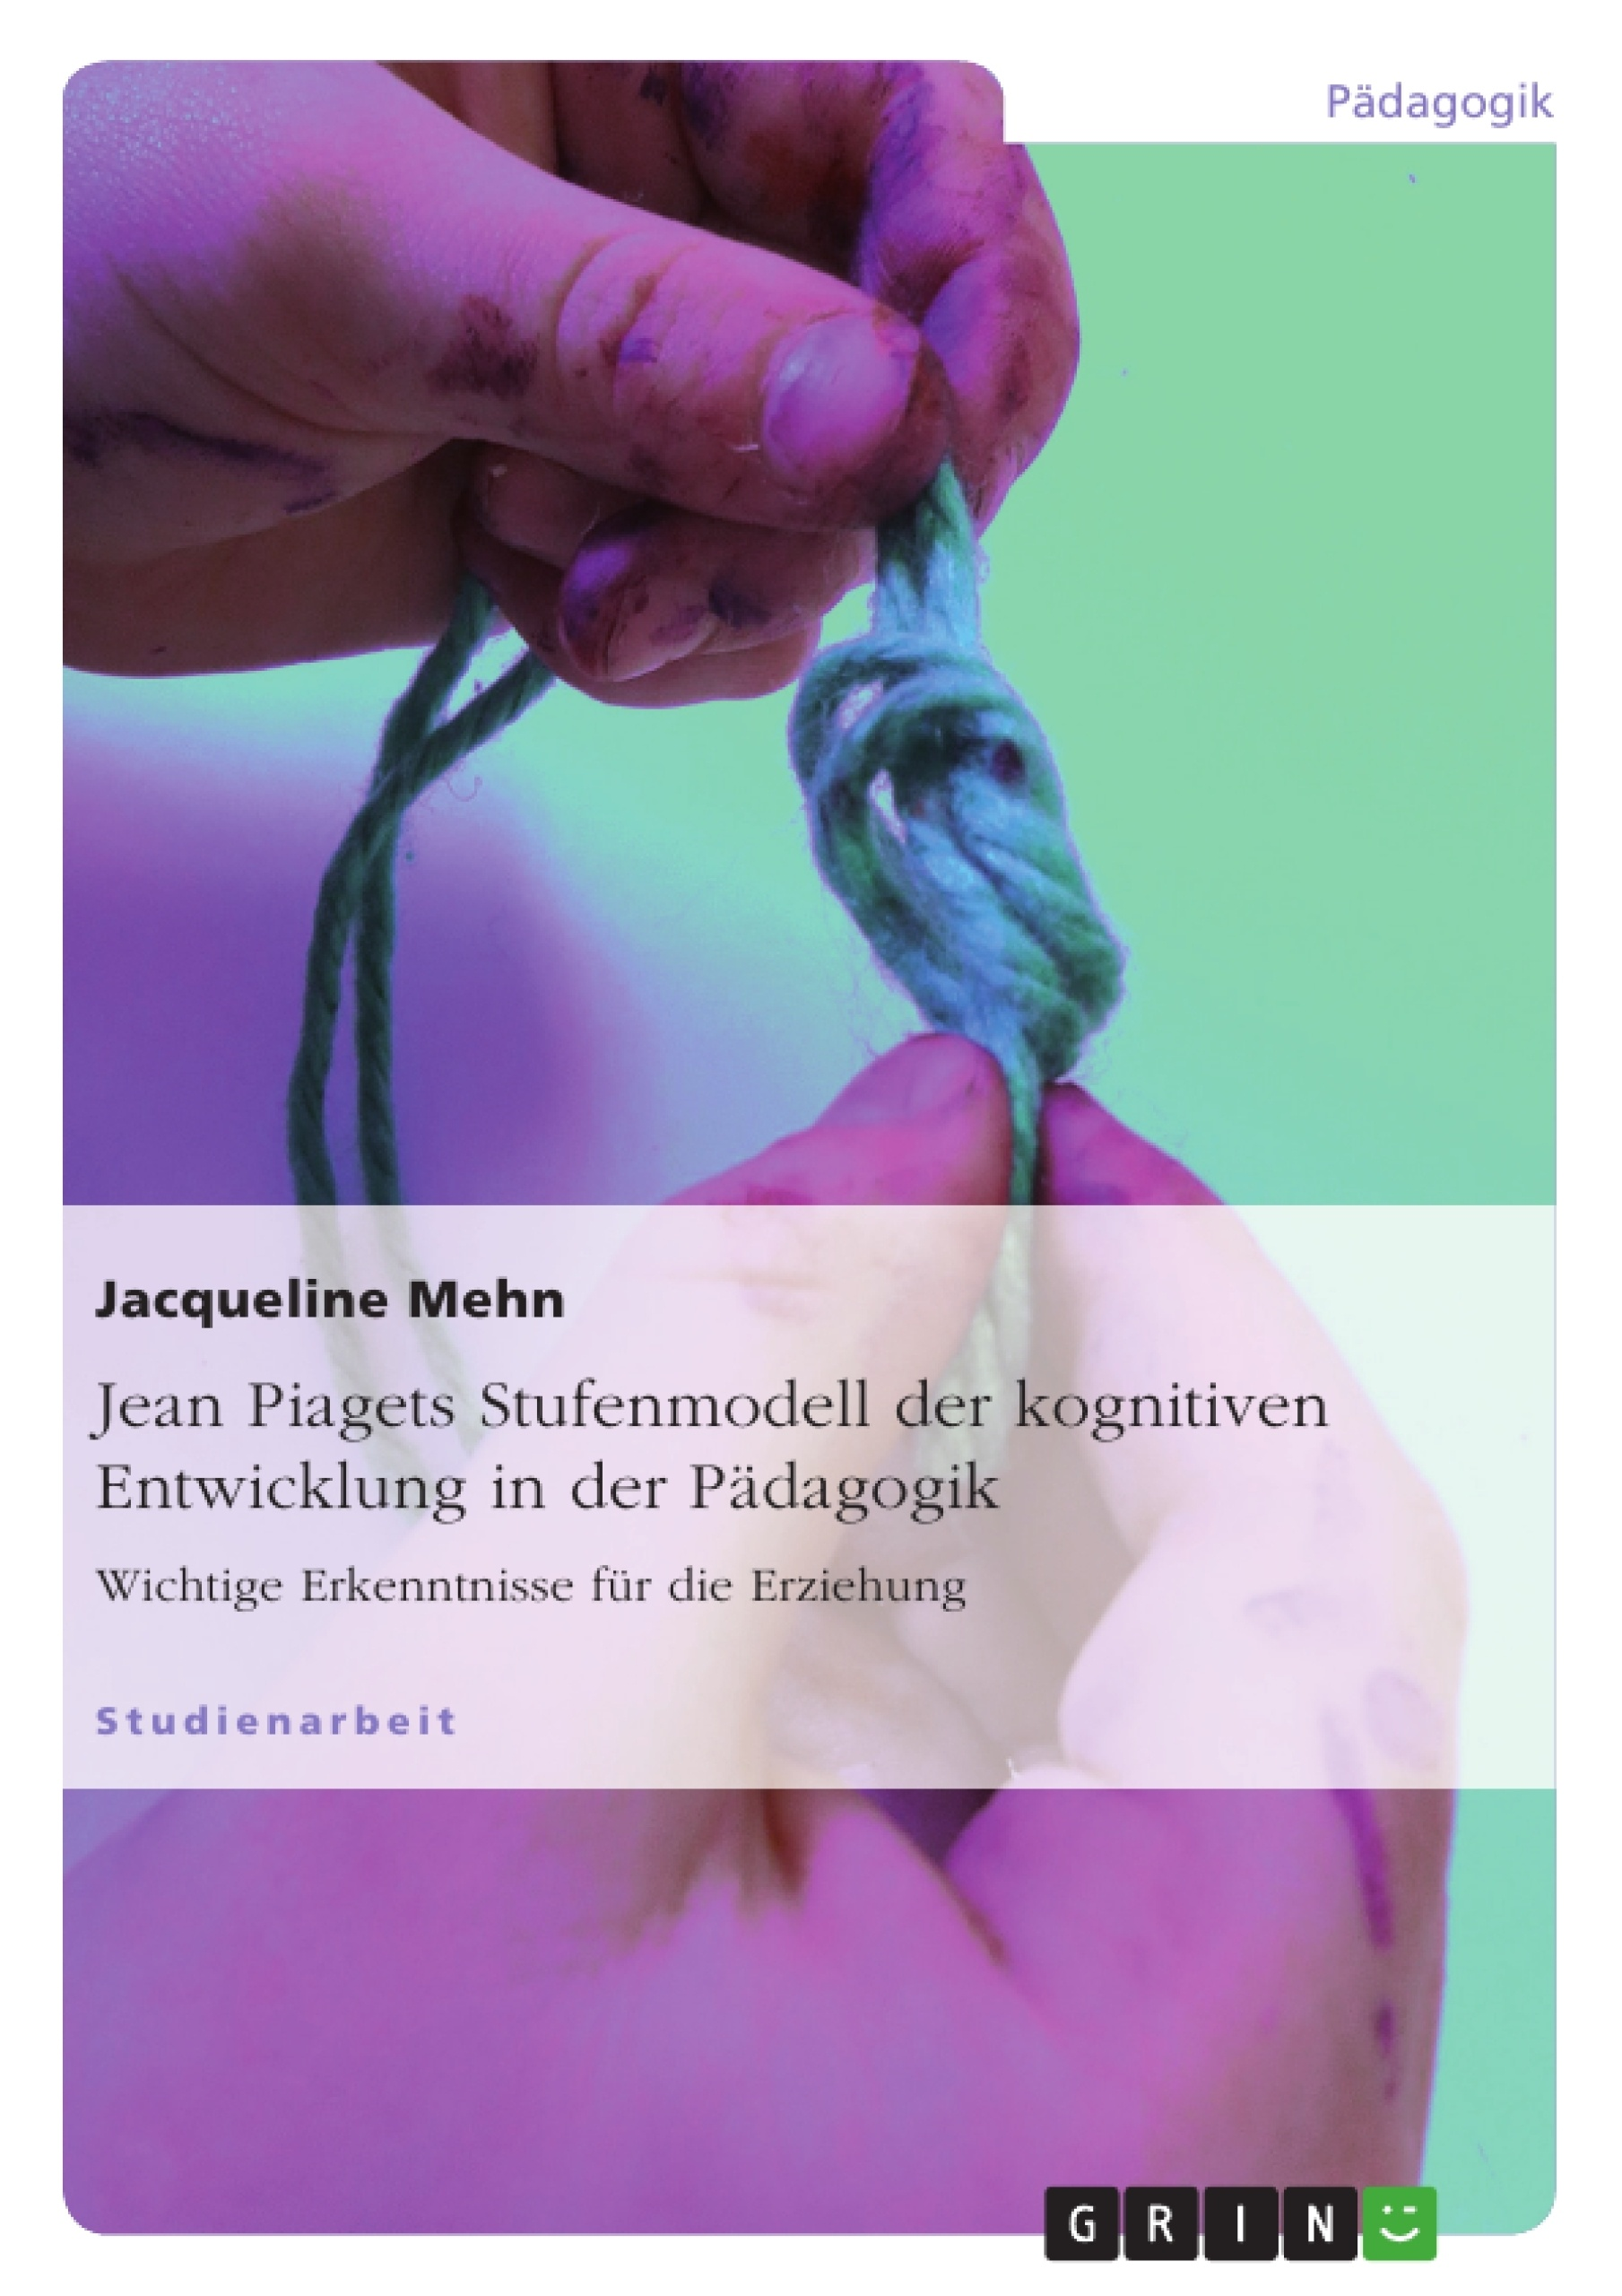 Titel: Jean Piagets Stufenmodell der kognitiven Entwicklung in der Pädagogik